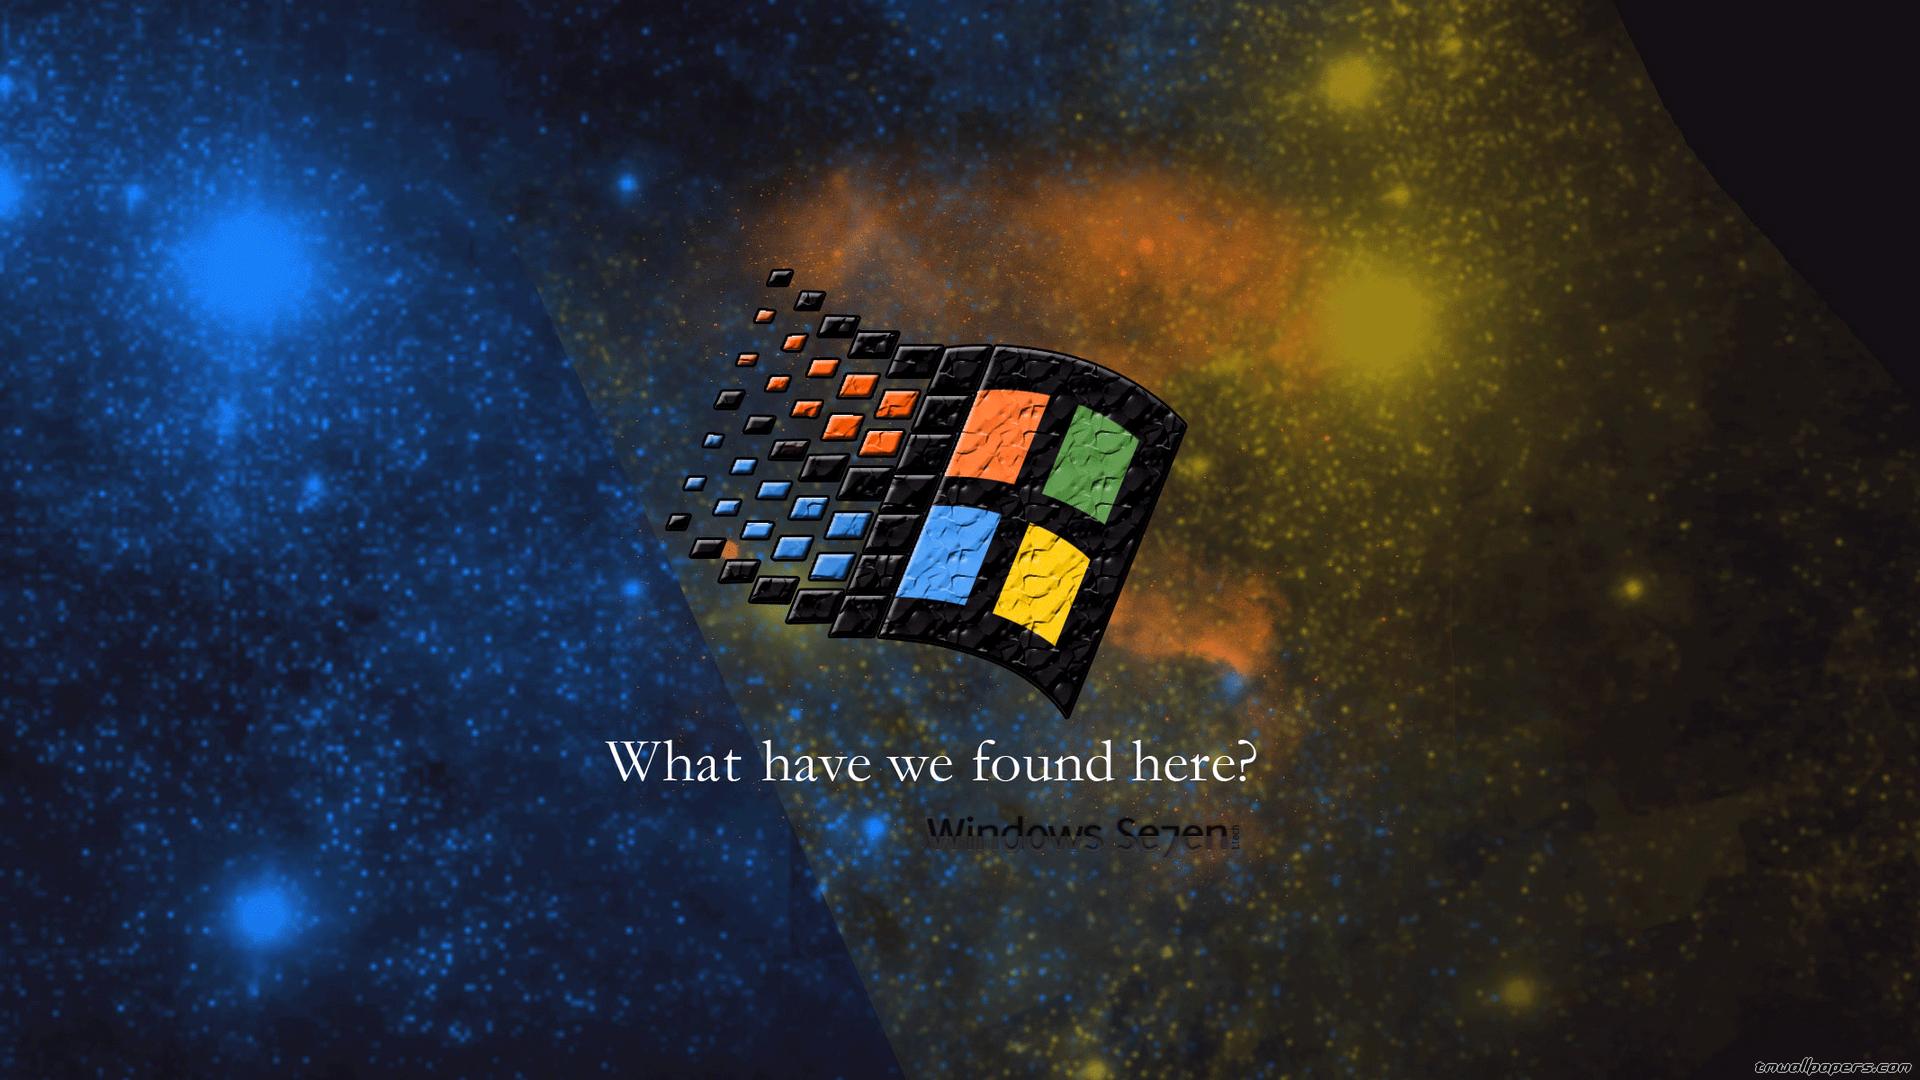 Windows 7 Wallpaper 1600X900 874245 1920x1080